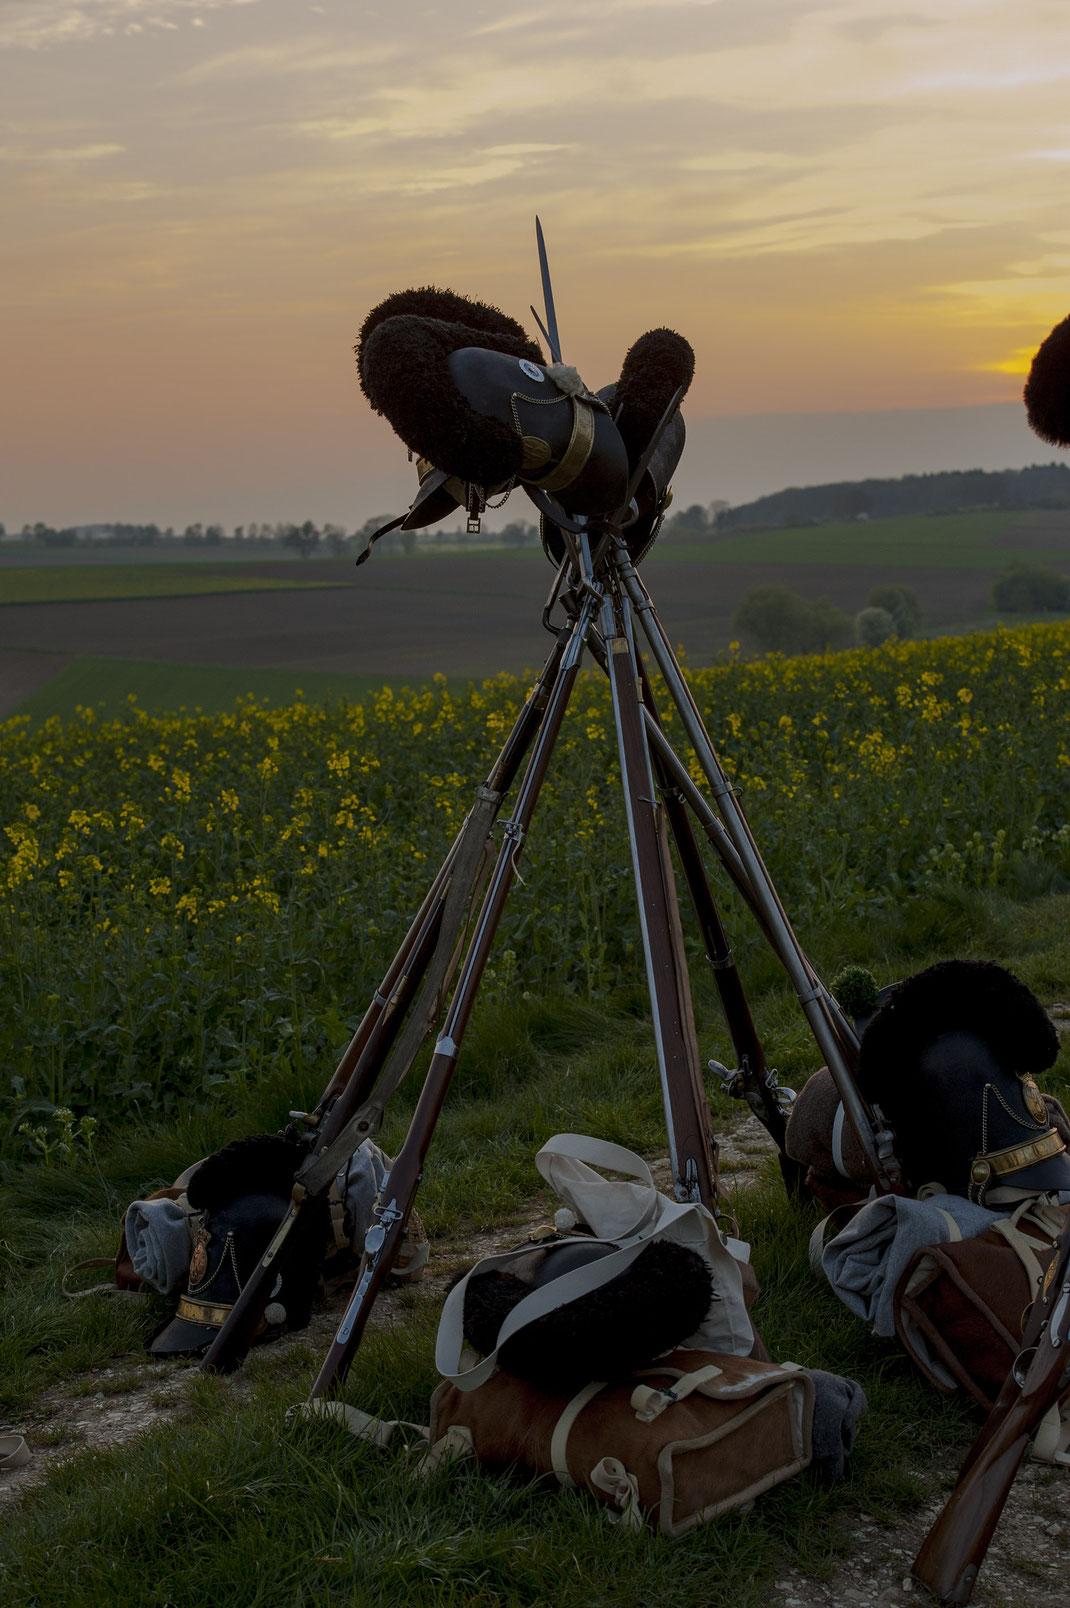 Eggmühl 1809 Biwack Lagerfeuer Gewehrpyramide Uniform Soldaten Montur Schlacht Napoleon und Bayern Napoleon_und_Bayern Tornister Vorderlader 4. LIR